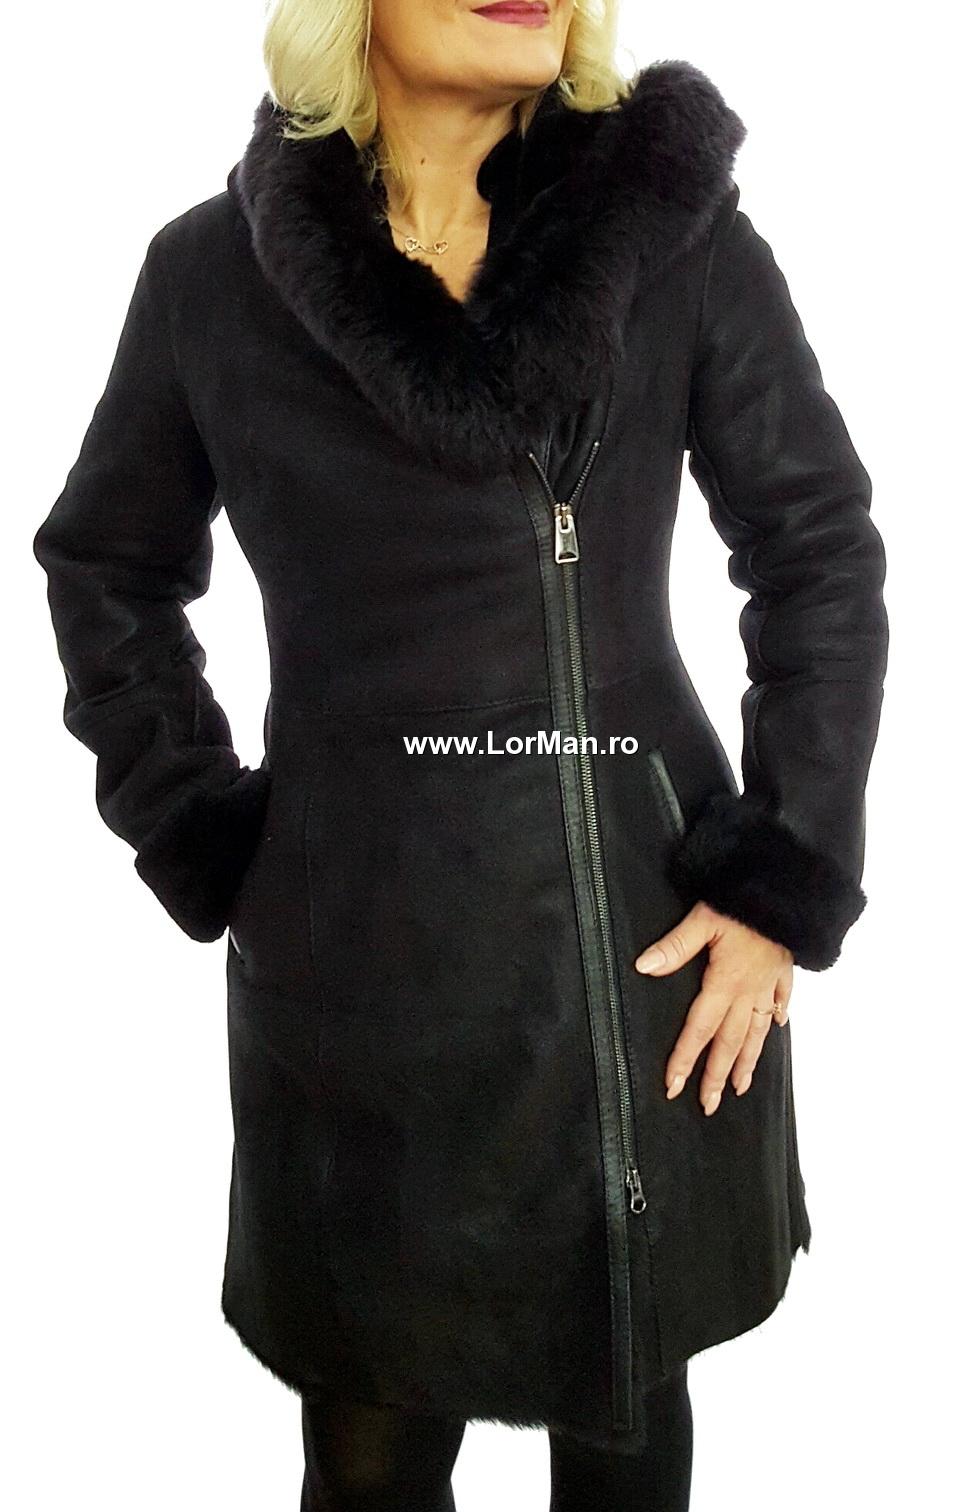 cumpărare acum calitate superioară cumpărare ieftin LorMan.ro - Magazin online cu haine din piele :: Cojoc pentru ...